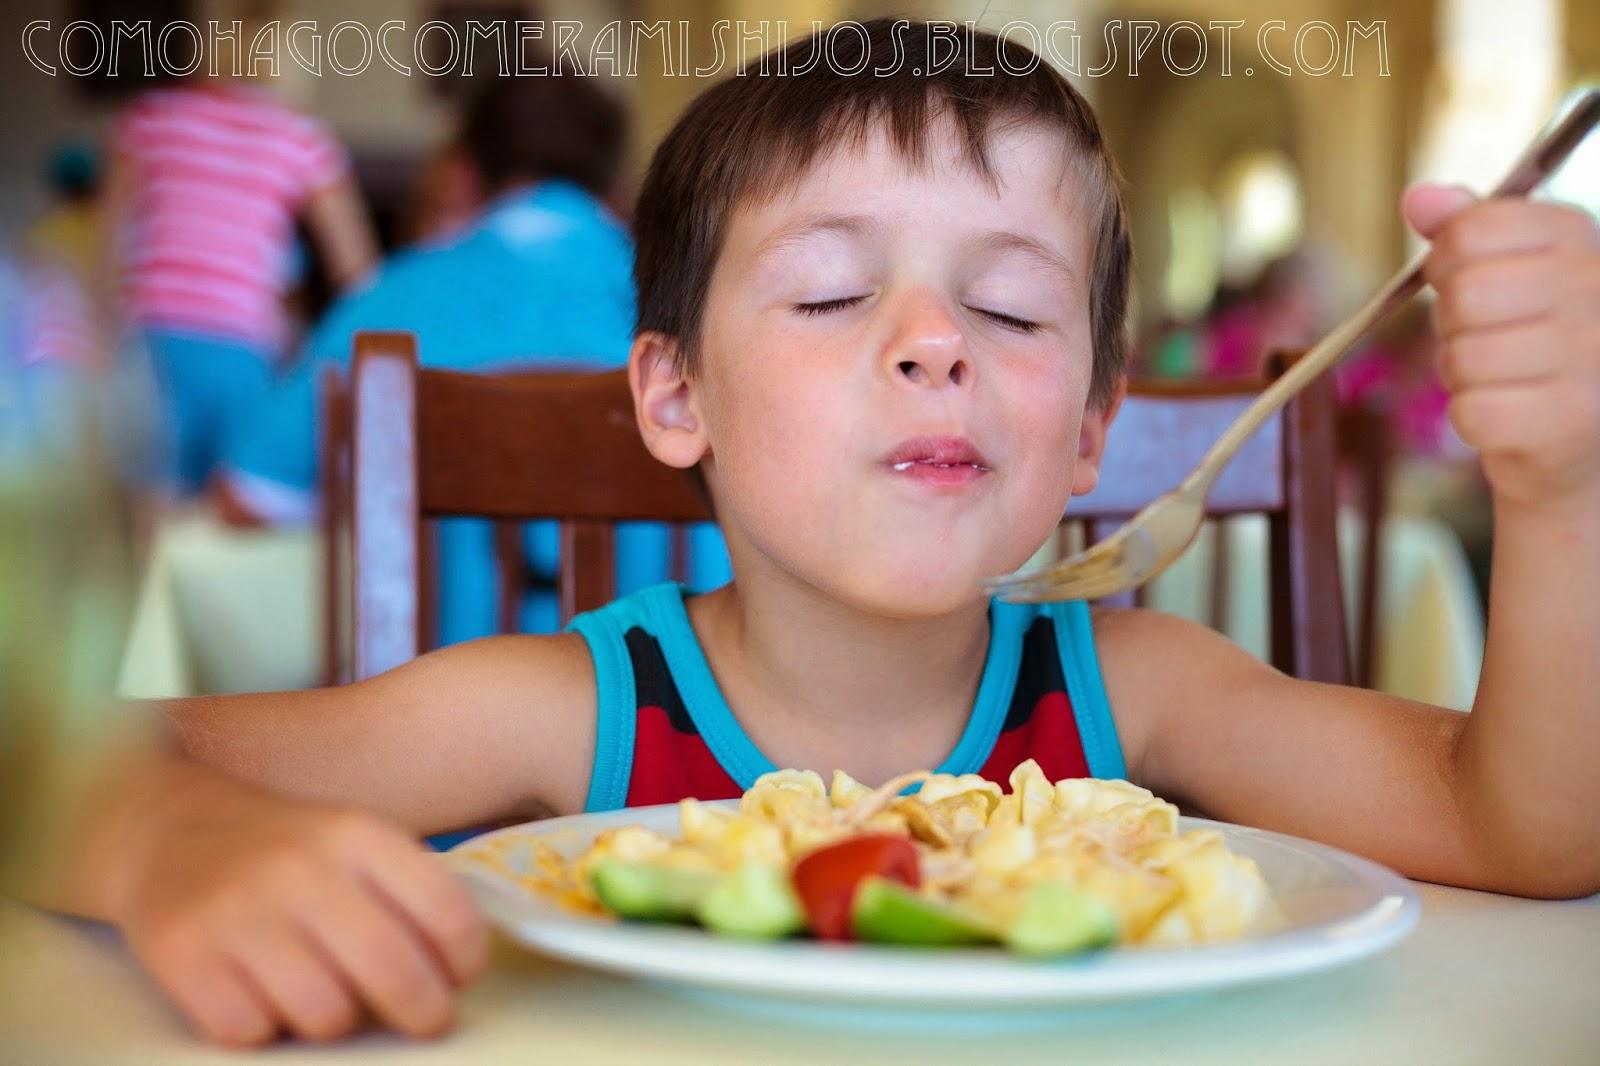 NUTRICION INFANTIL : 5 OPCIONES PARA HACER UN MENÚ SALUDABLE